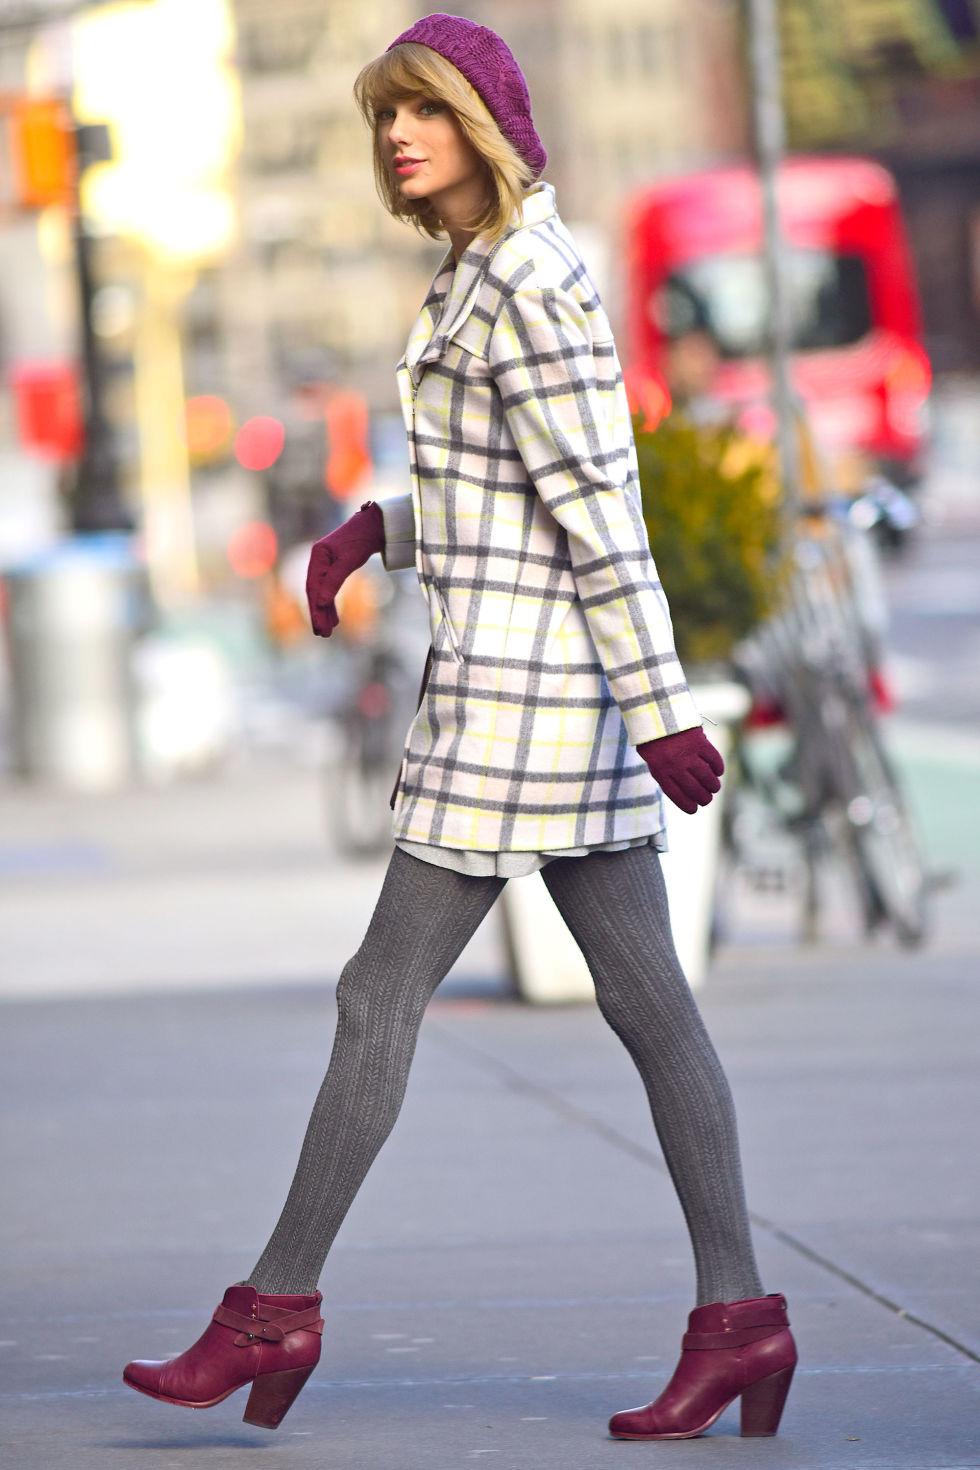 764ec567f27 Would You Wear Taylor Swift s Street Style